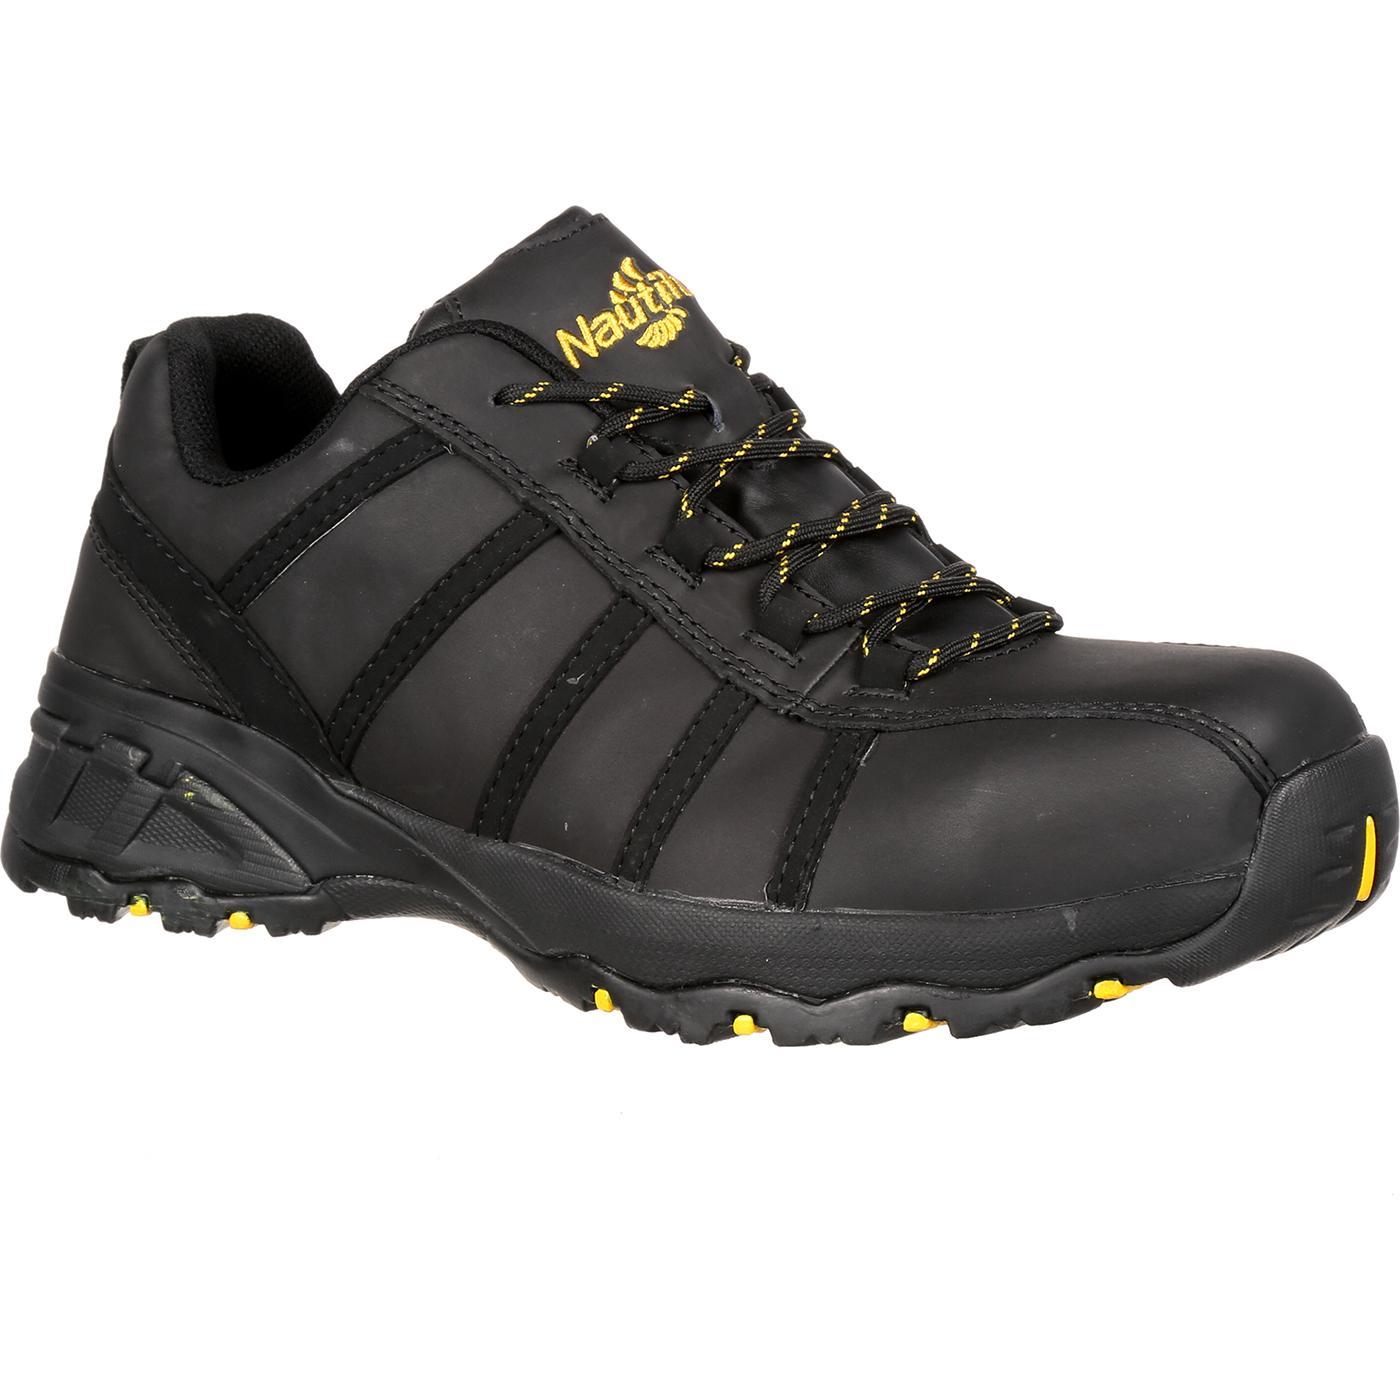 Keen Waterproof Sneakers